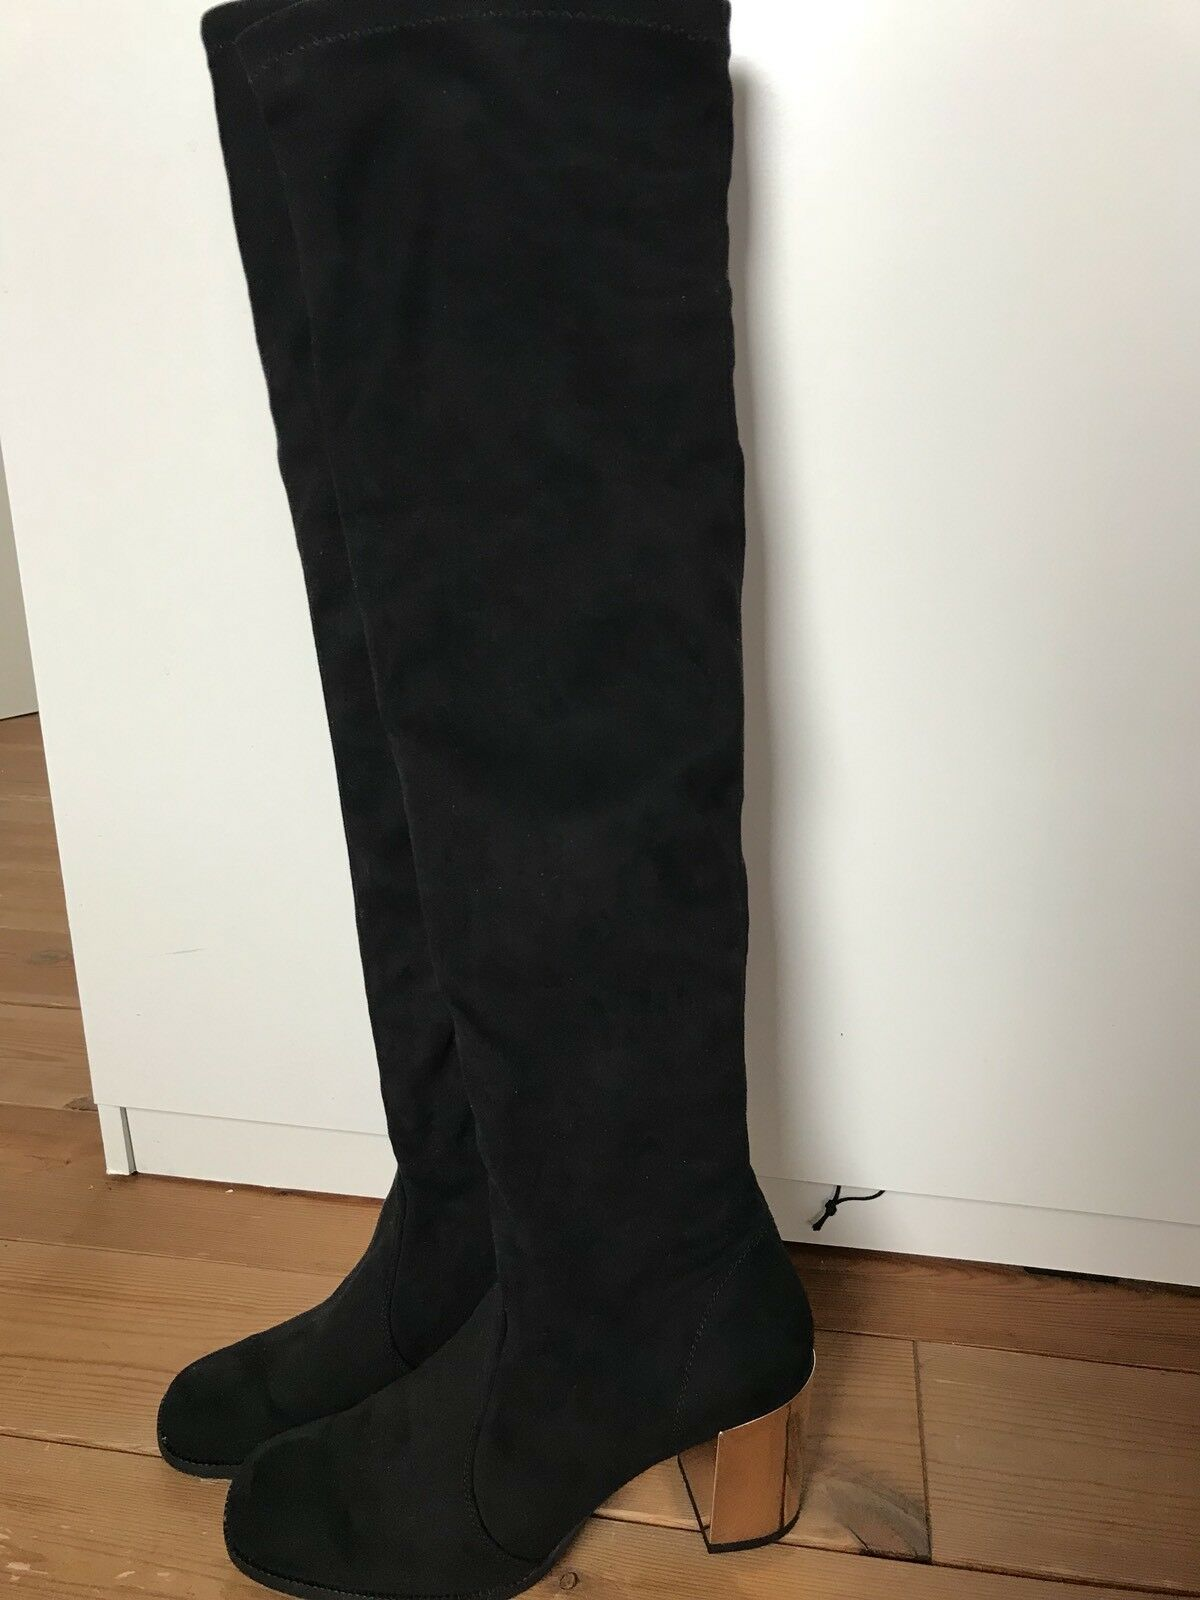 NR Rapizardi Firenze, stiefel, overknee, schwarz gr 39, made in